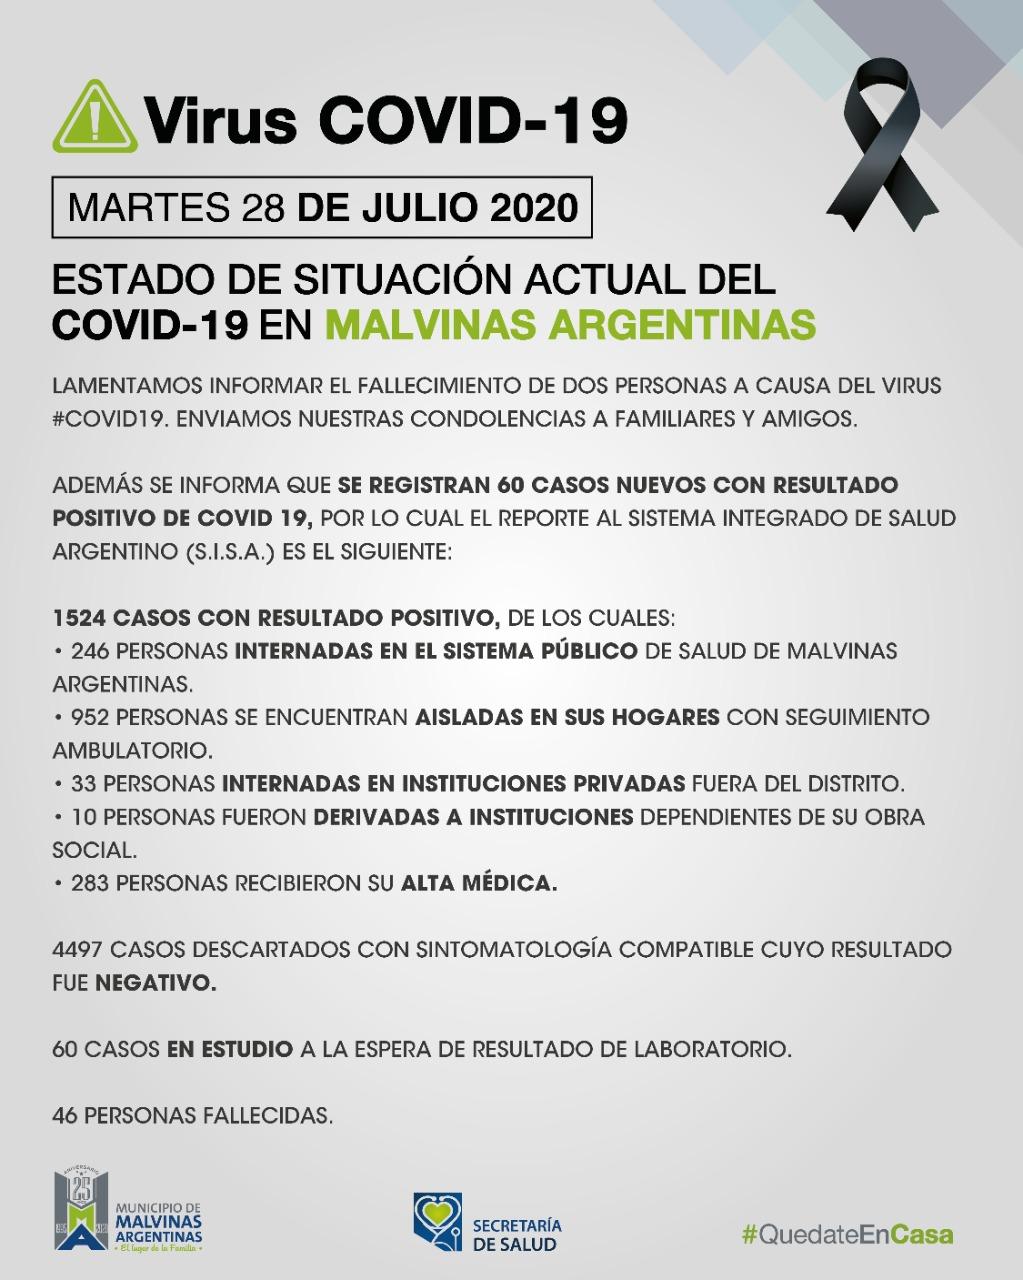 Malvinas Argentinas: dos fallecidos, 60 nuevos casos, 283 recibieron el alta el martes. Covid_48